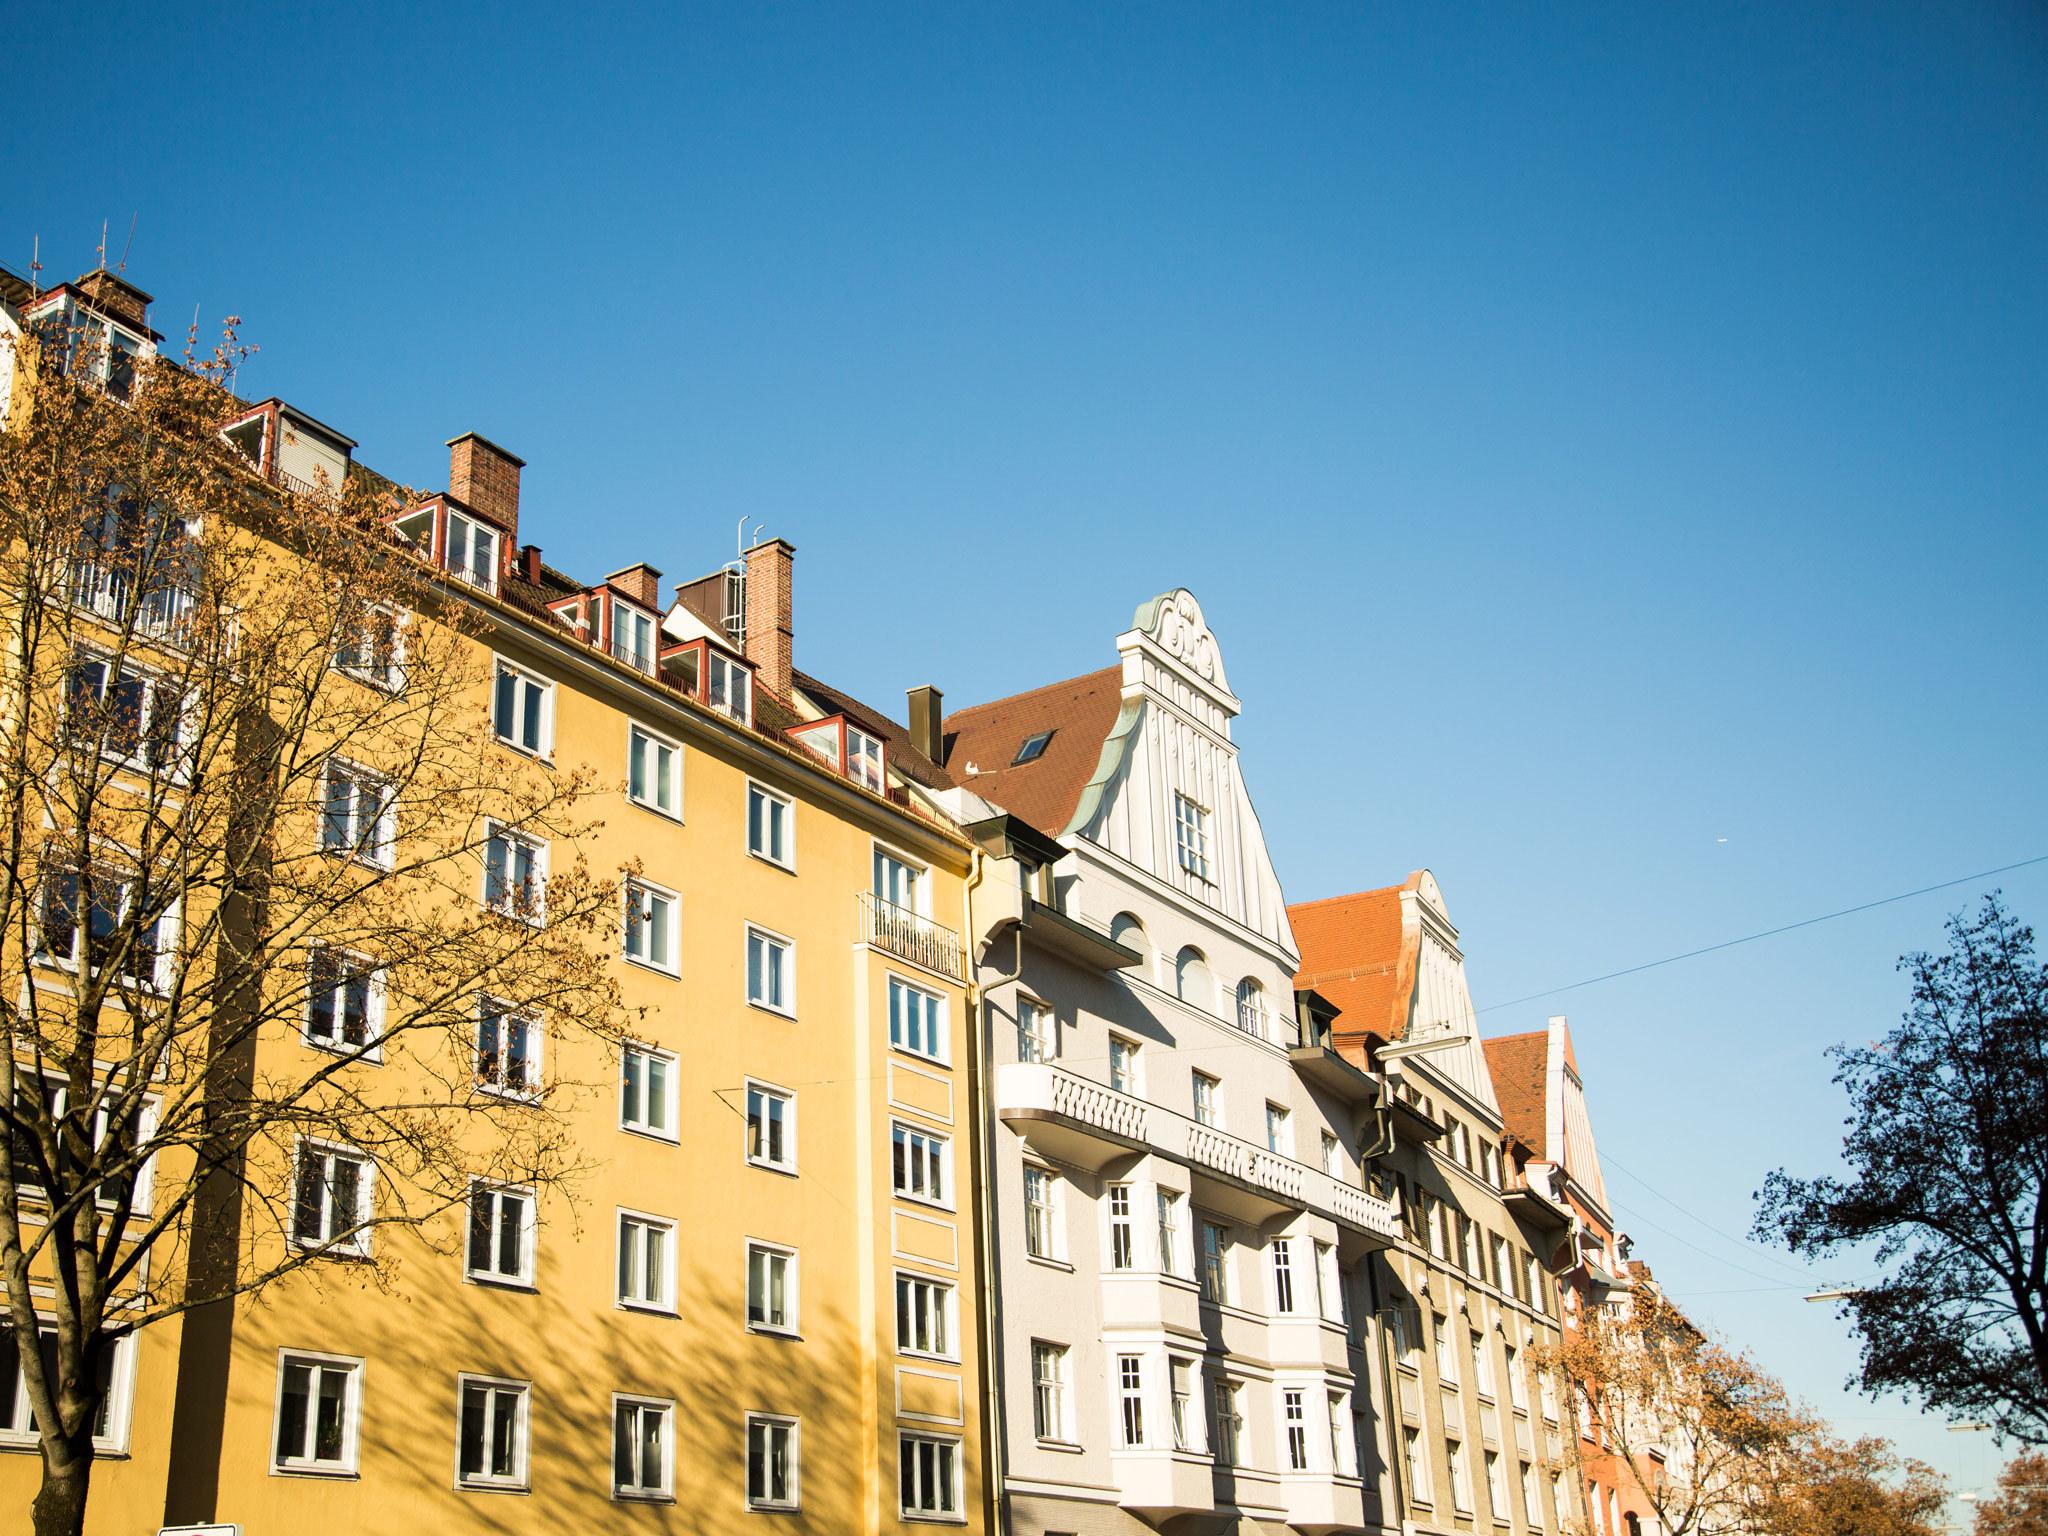 Schwabing street scene